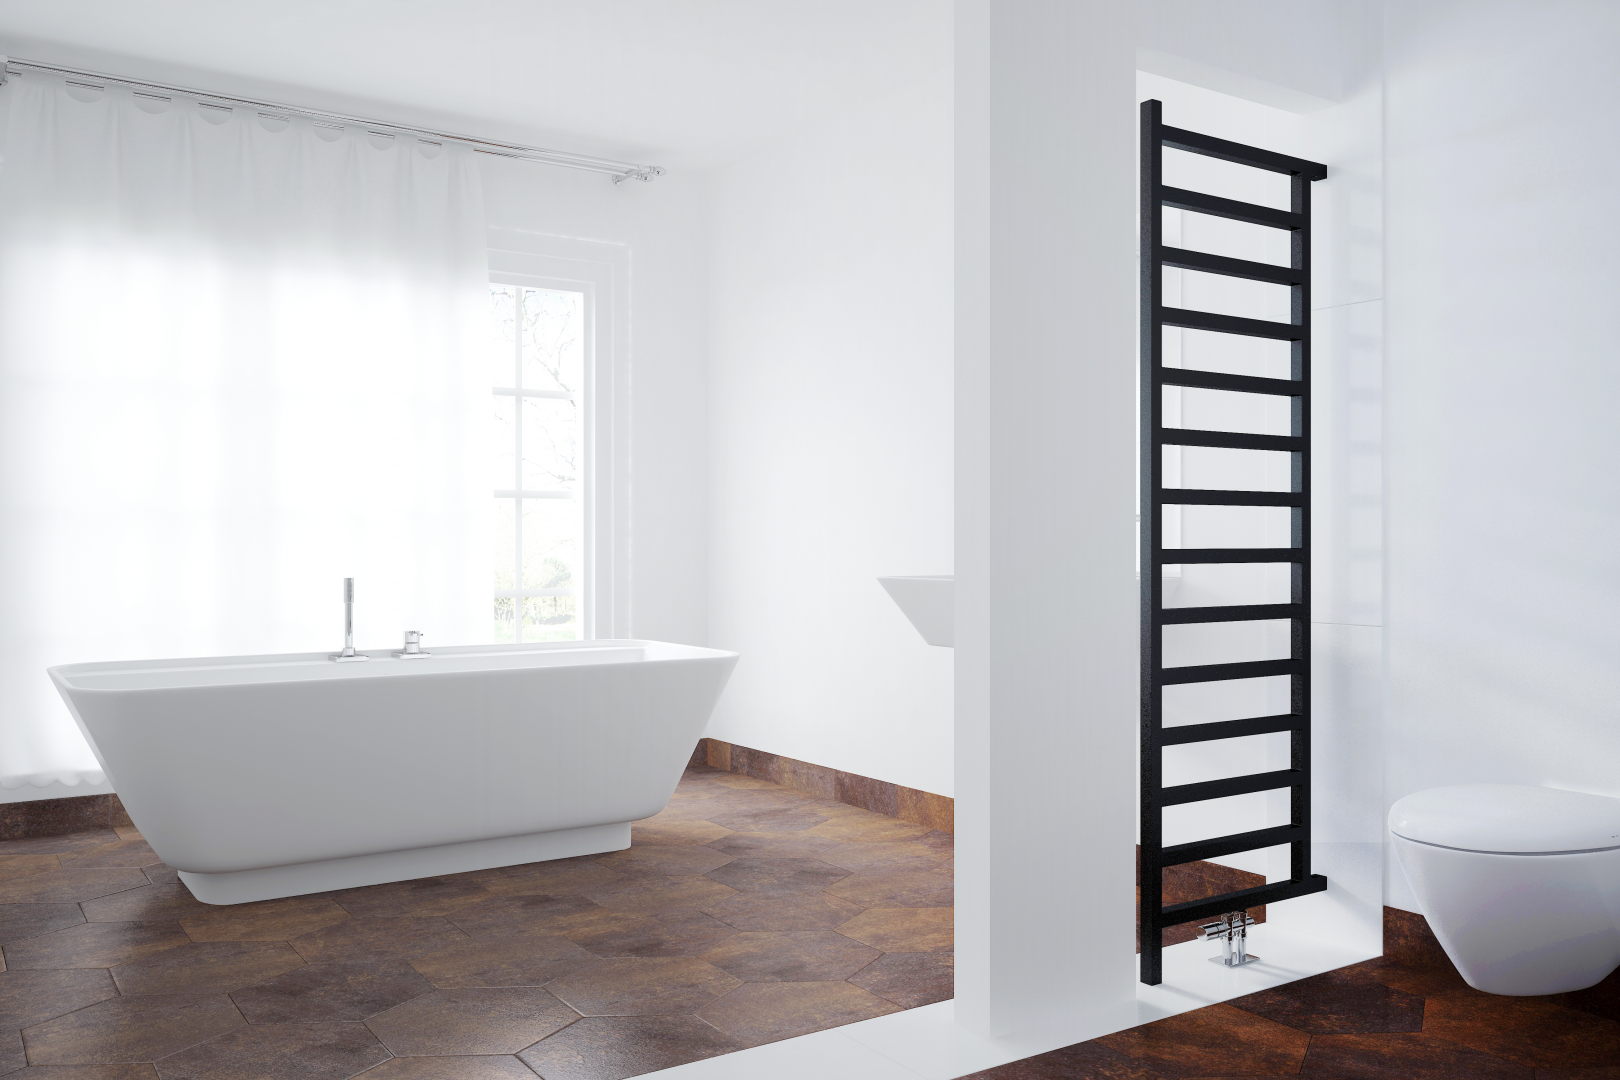 Terma Simple Room Divider Towel Rail in Heban From £299   Designer ...